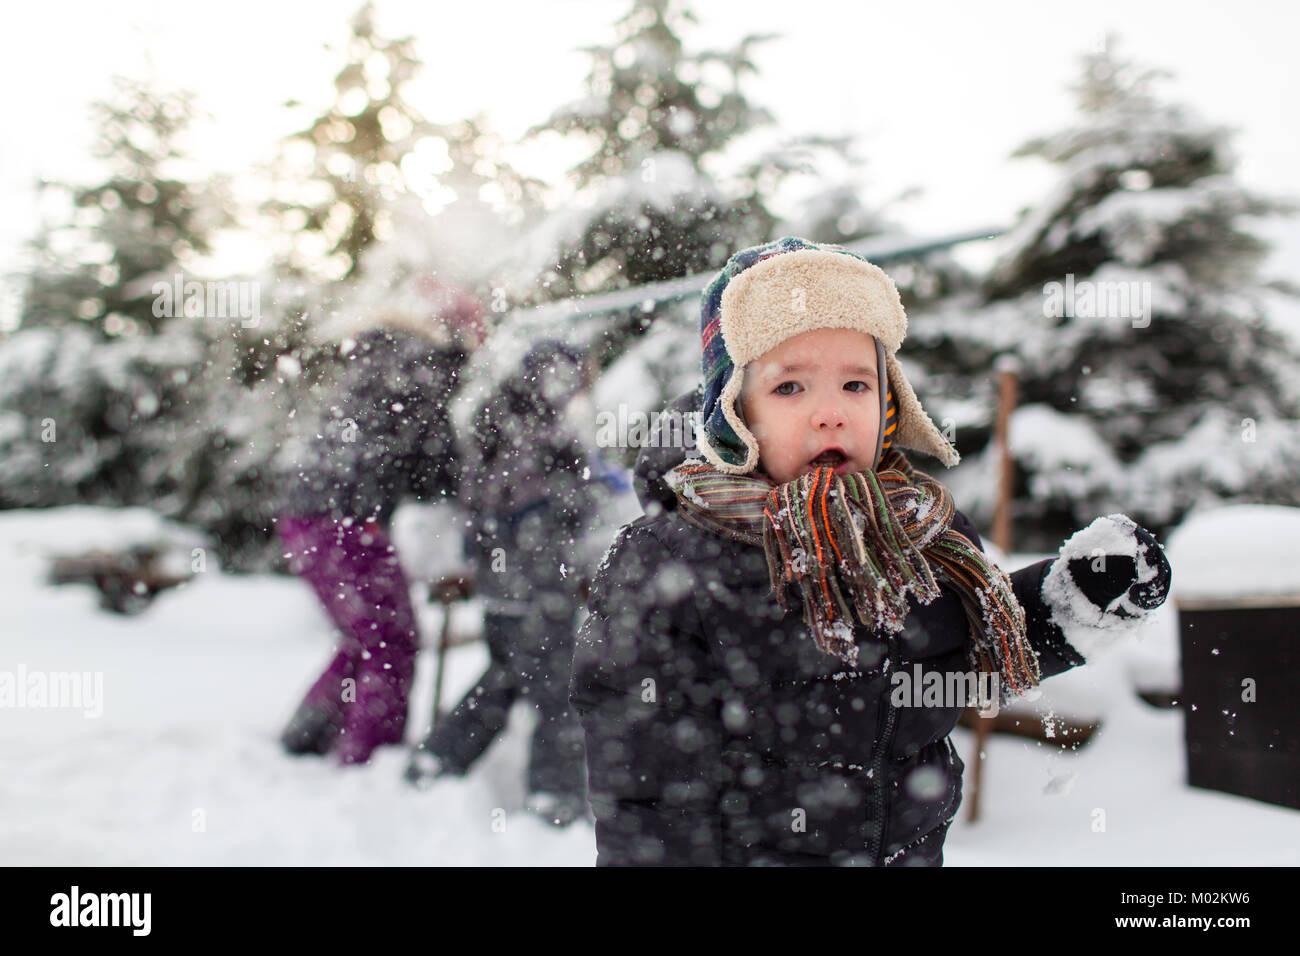 Vista frontale di un bambino con la bocca aperta e la sua famiglia avente snowball lotta in background. Famiglia Immagini Stock